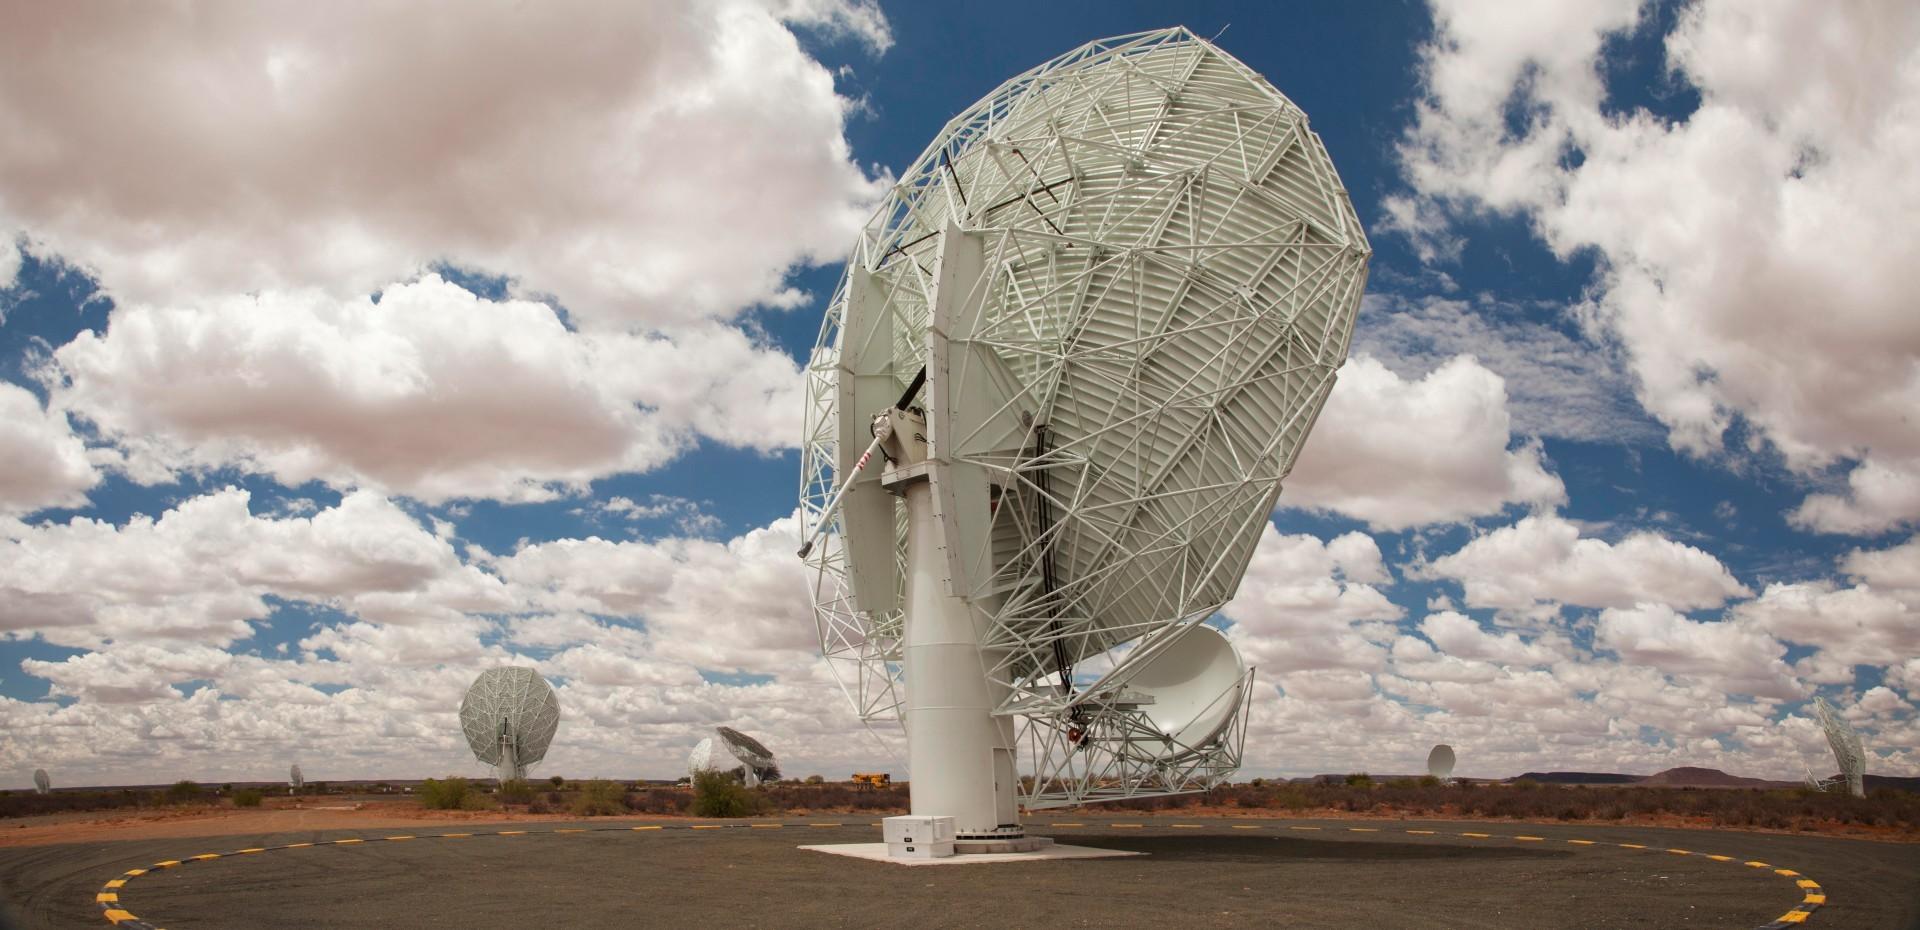 Крупнейший радиотелескоп MeerKAT запустили в тестовом режиме на четверть мощности - 8